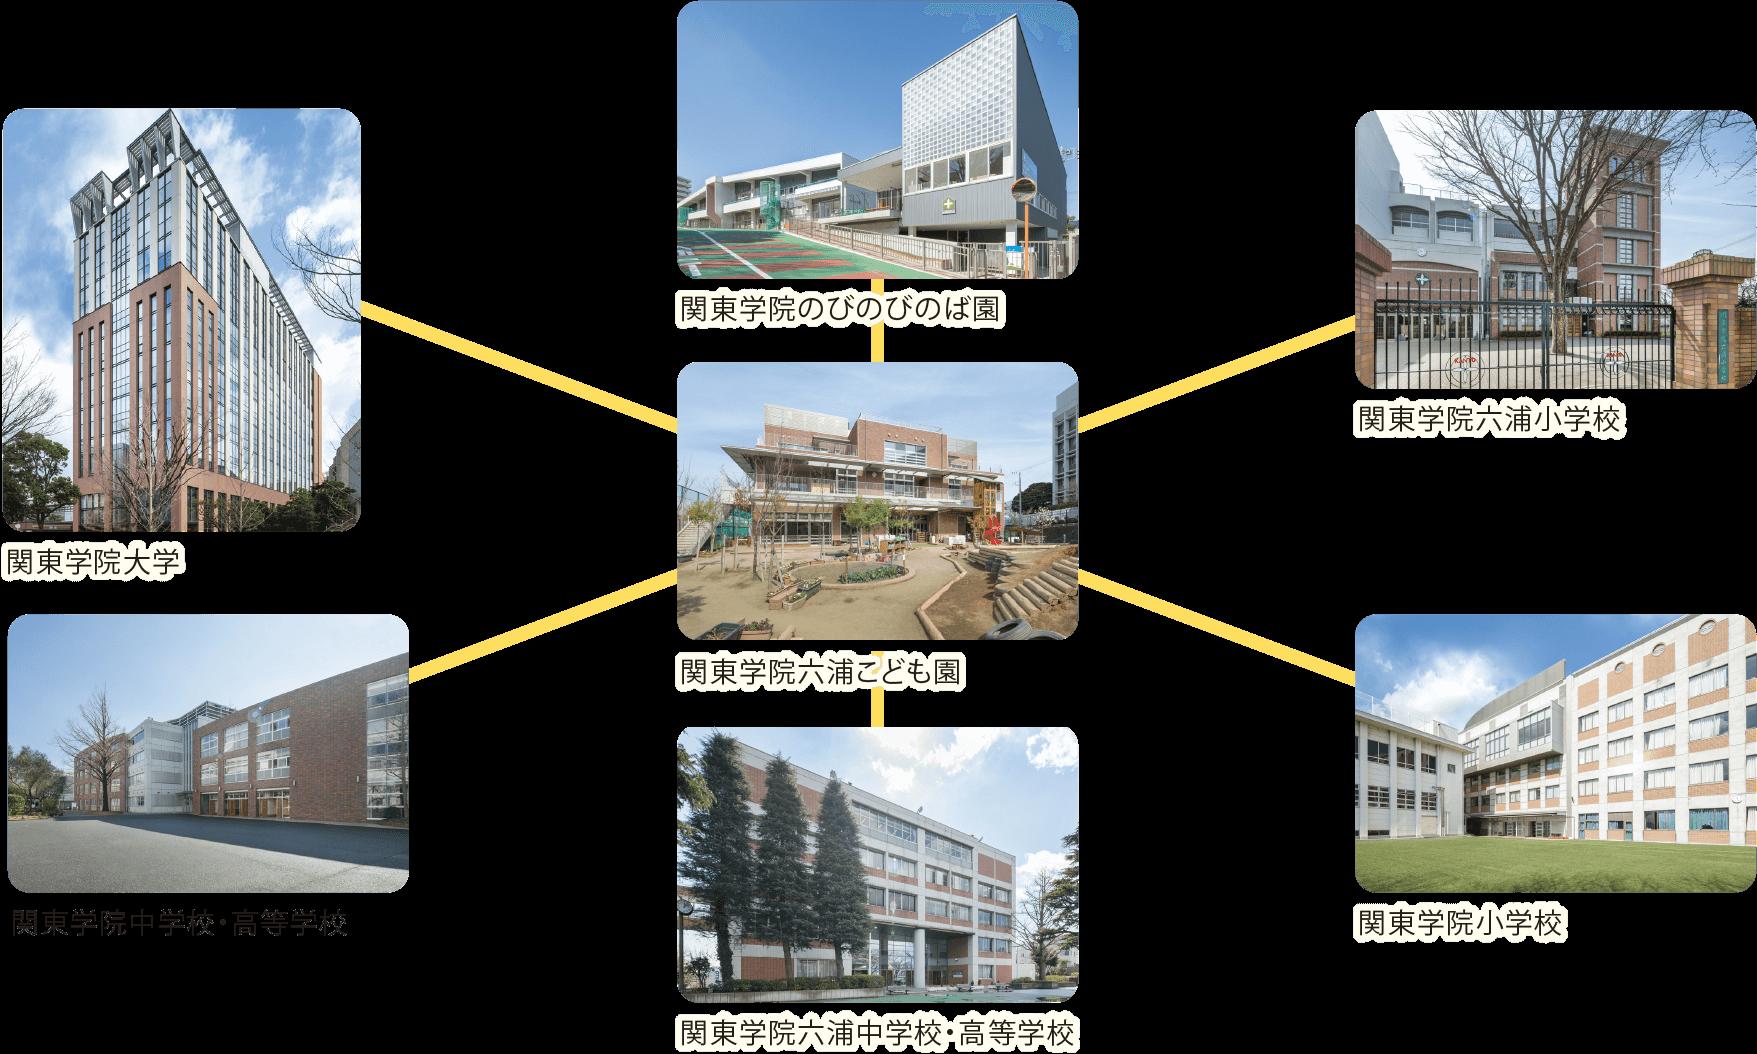 六浦こども園とつながる関東学院連携校